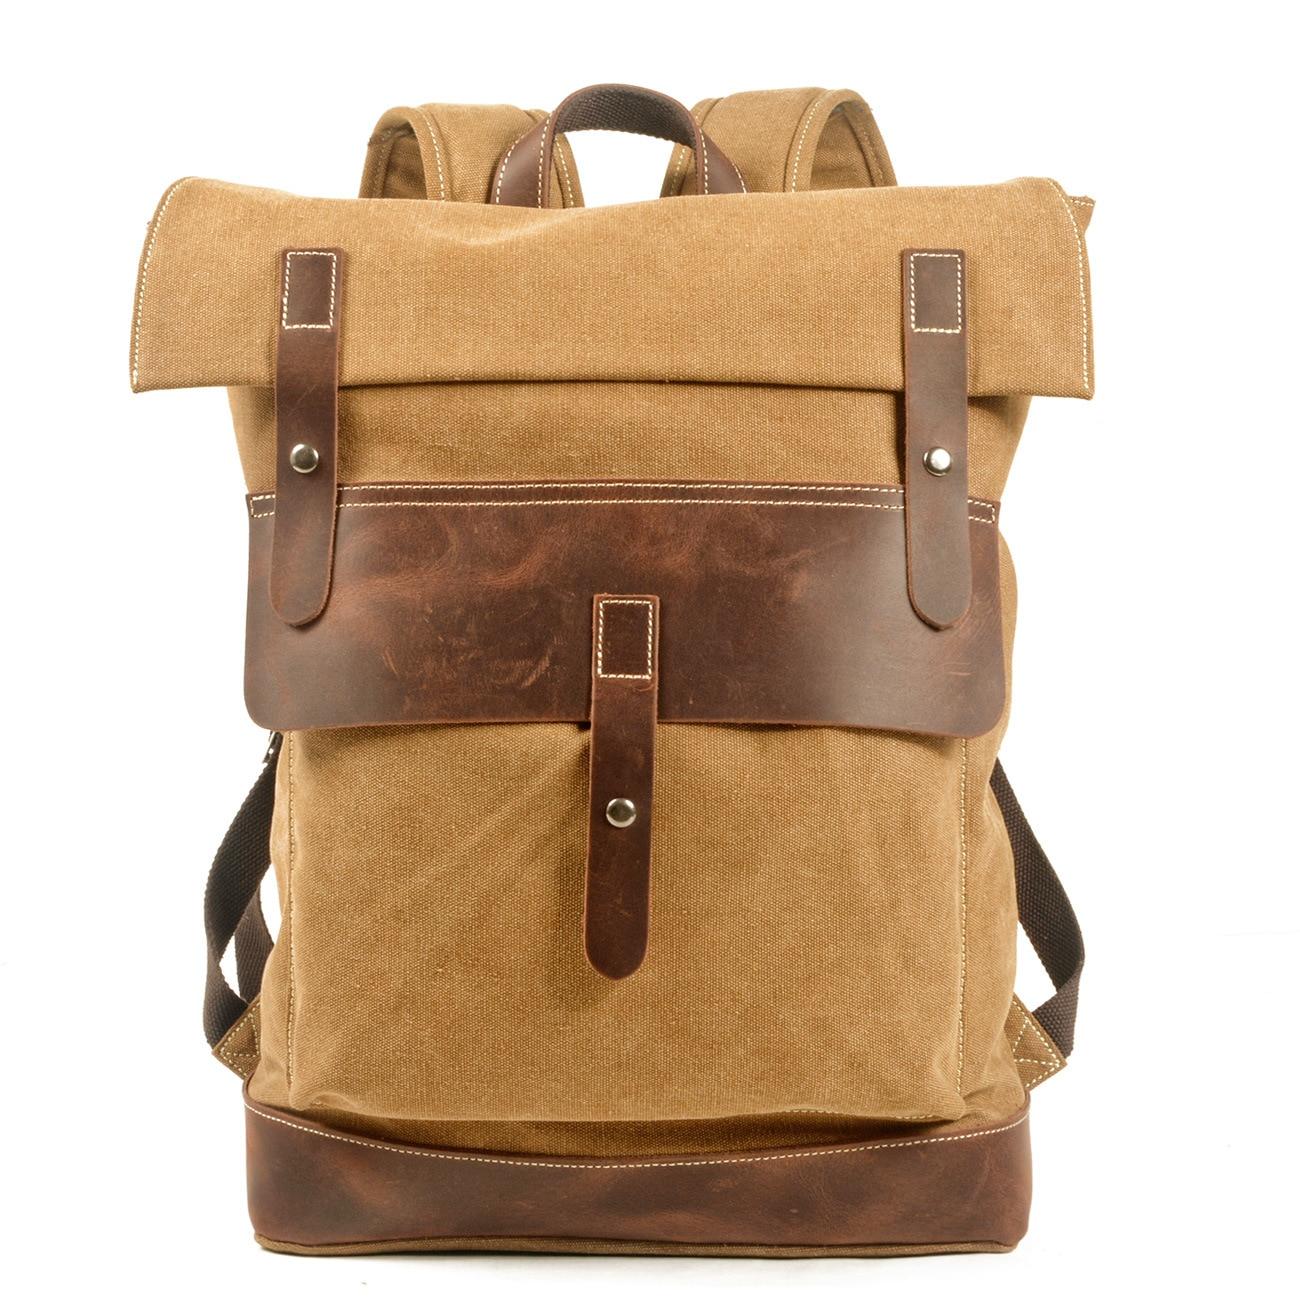 Купить ретро водонепроницаемый холщовый рюкзак уличный походный большая